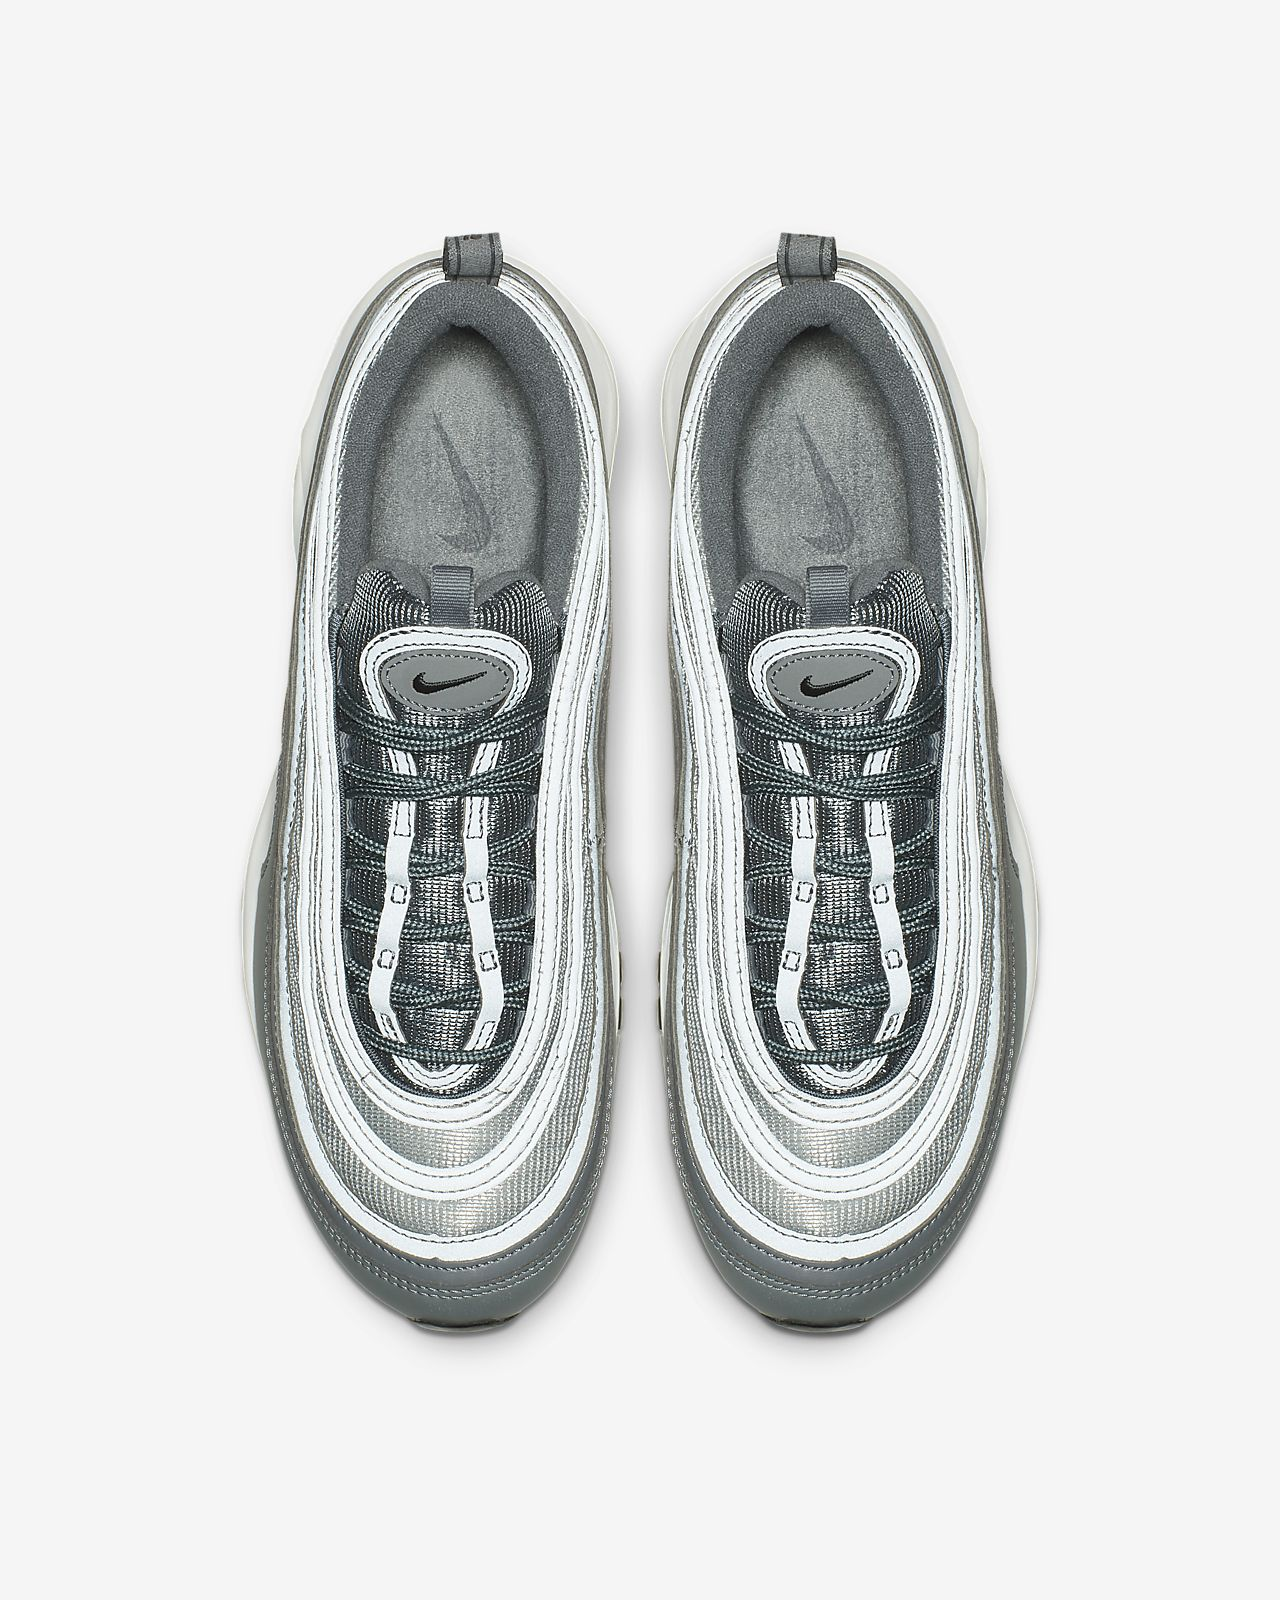 7794932a82af Nike Air Max 97 Essential Men s Shoe. Nike.com GB